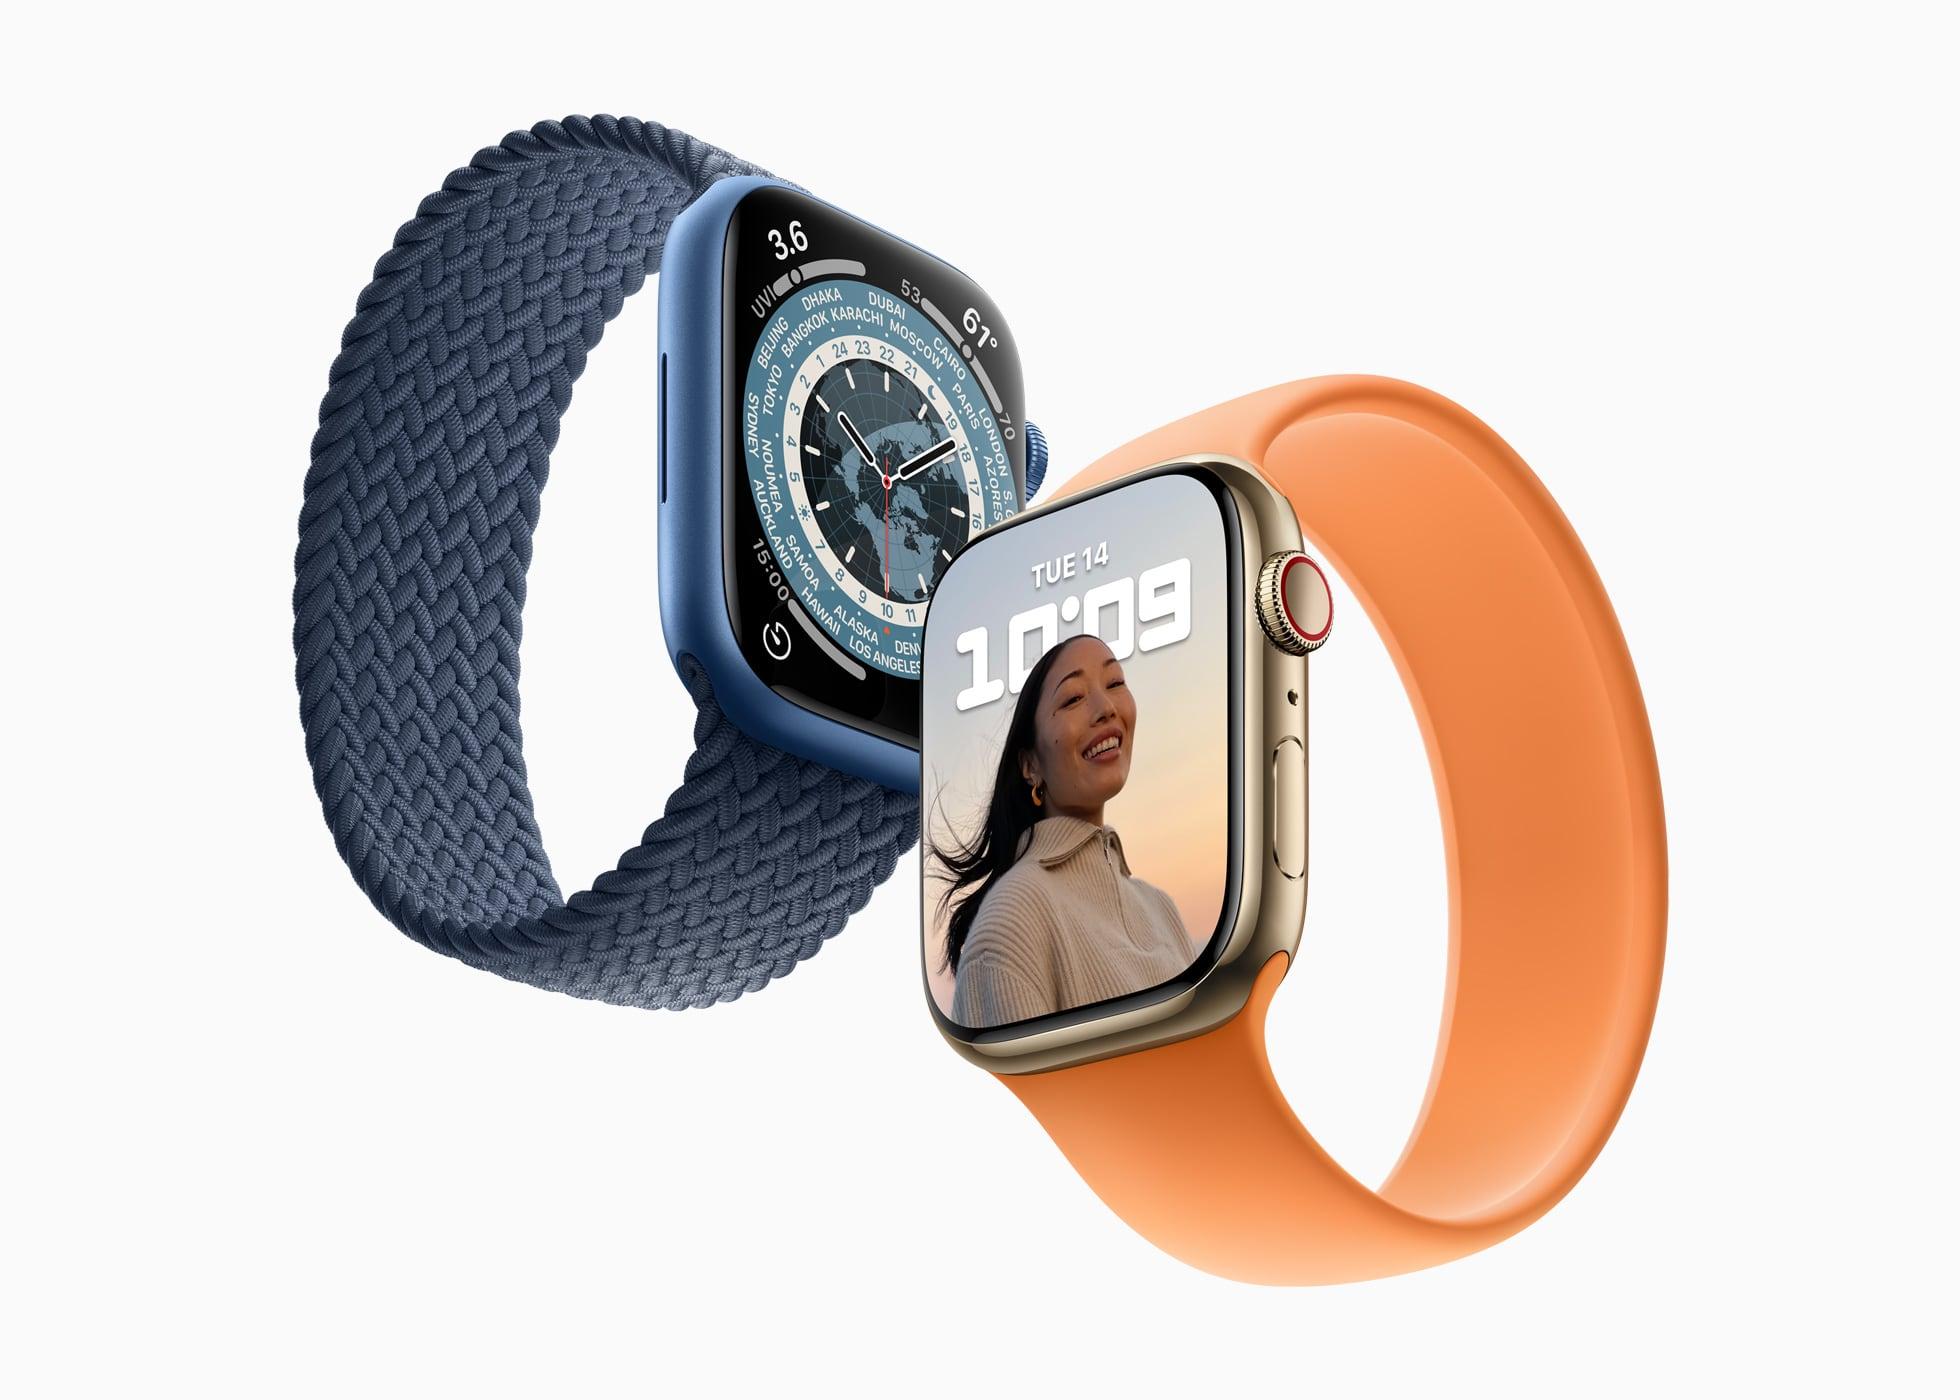 Apple Watch Series 7 поступят в продажу 15 октября. Предзаказ 8 октября